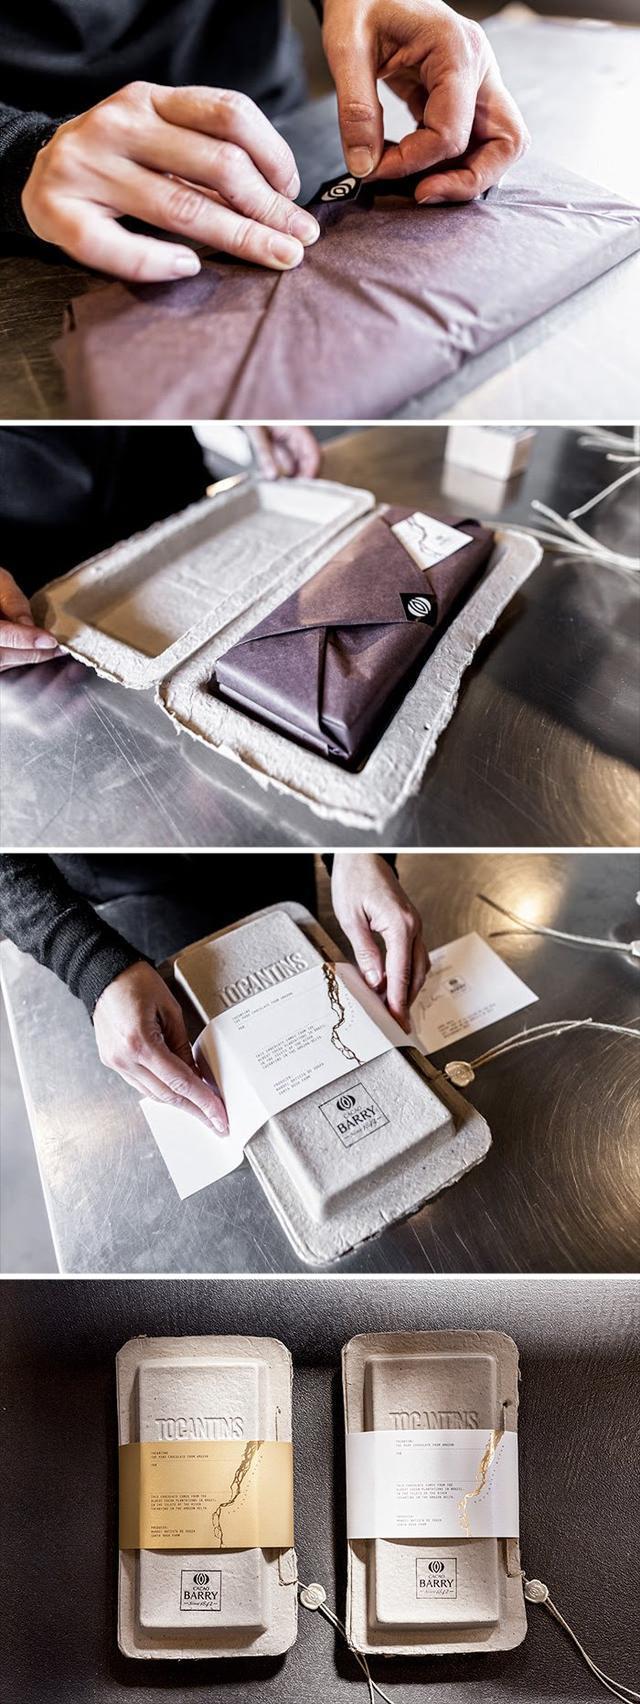 天才又创意的食品包装设计,你最爱哪一款?